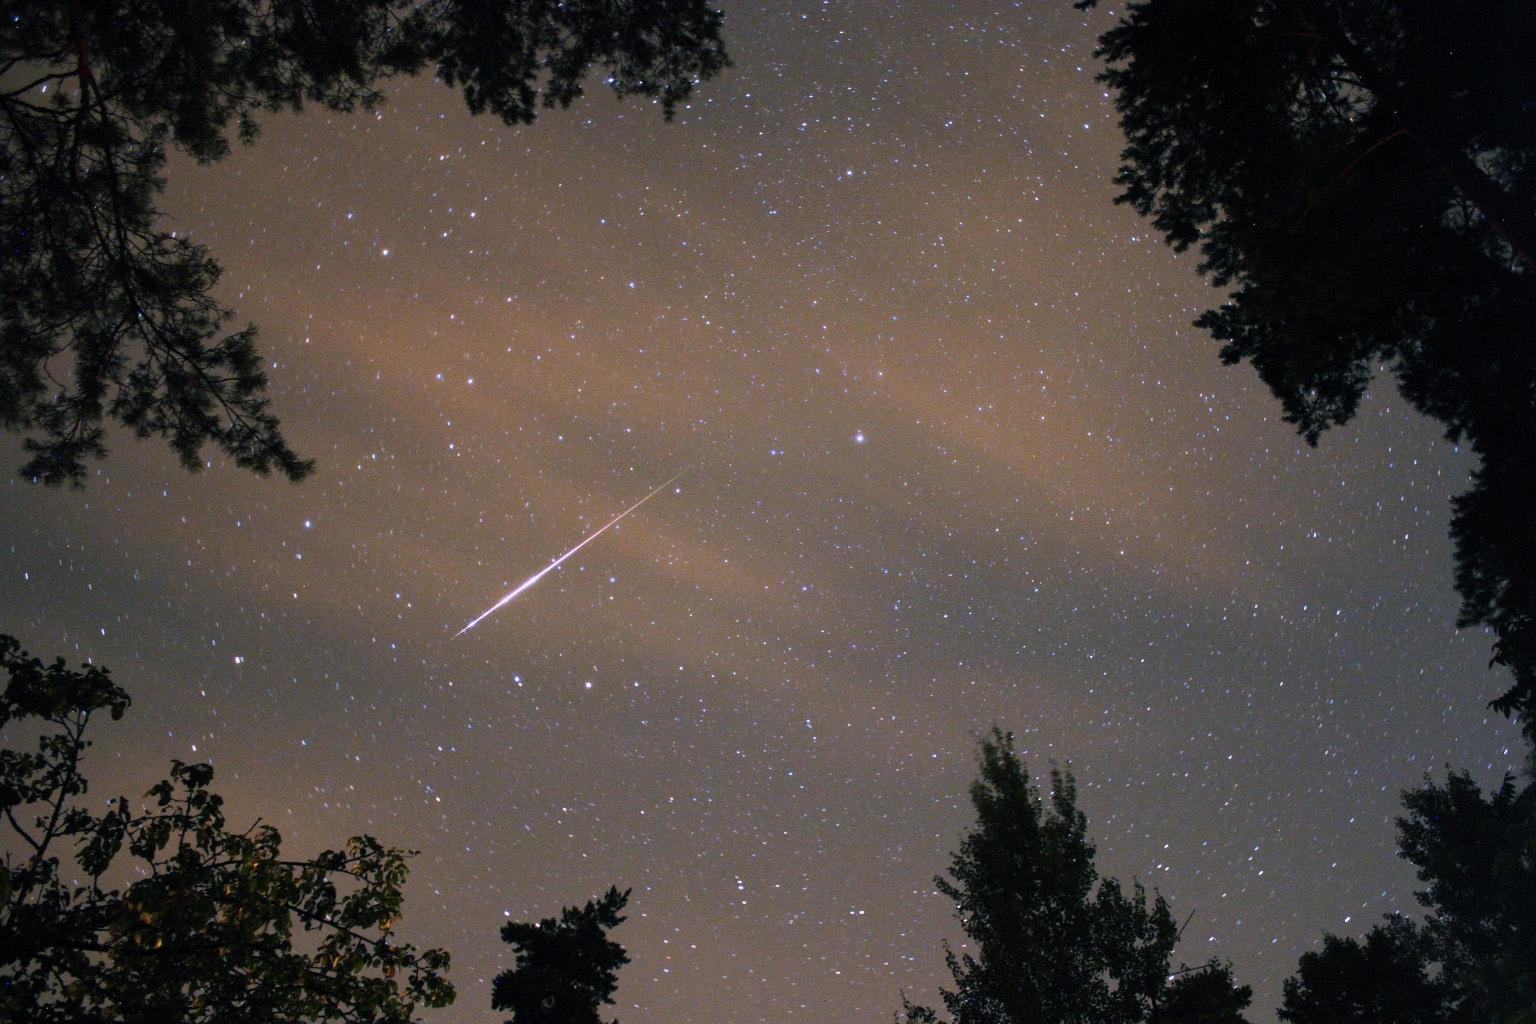 Сегодня ночью в астраханском небе будет что-то интересное